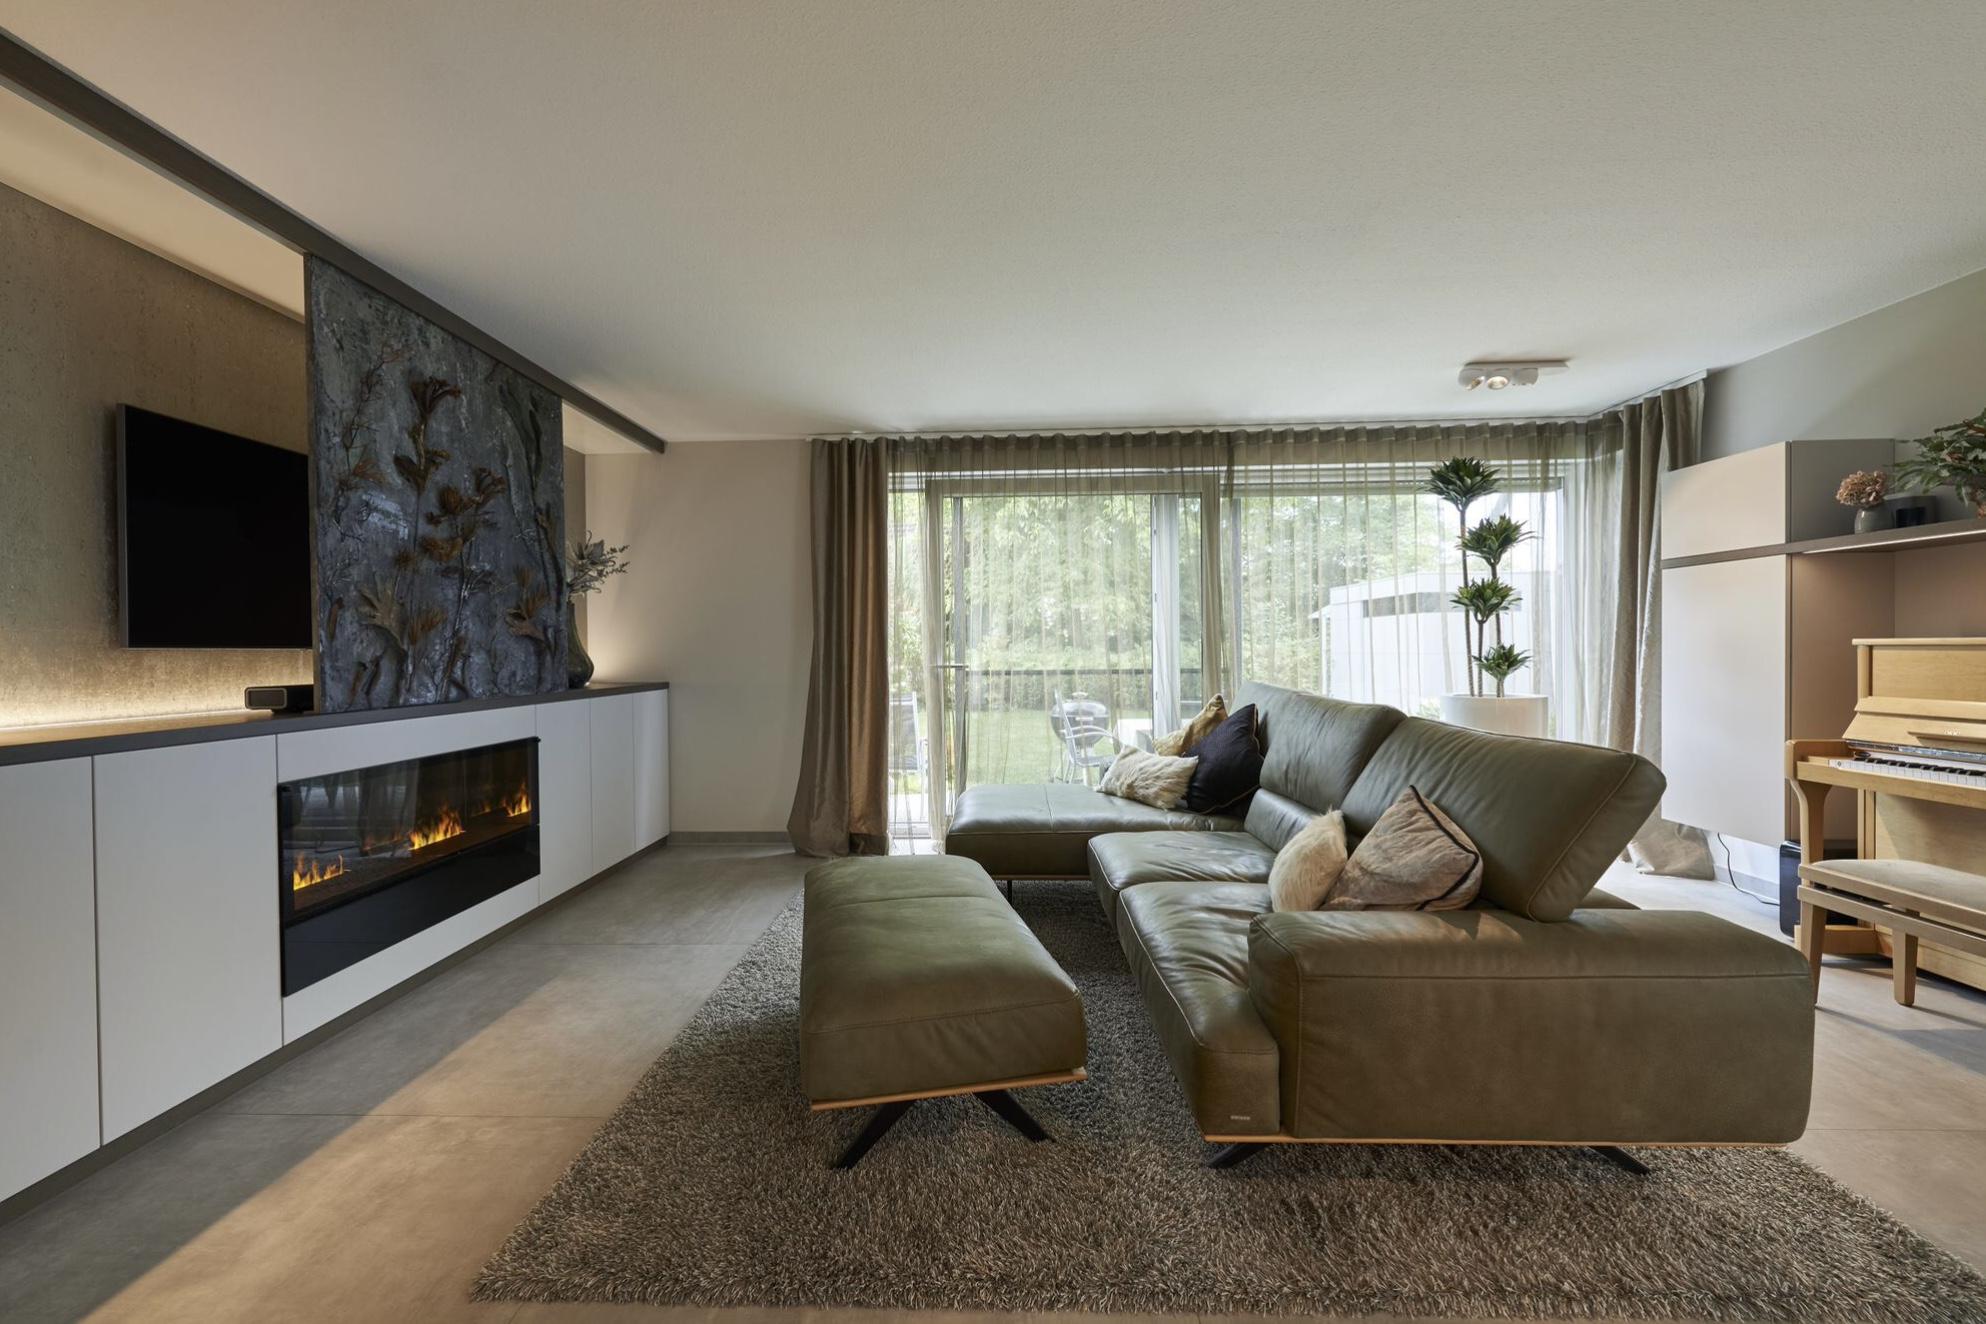 www.ideenraumgeben.de-renovierung-eines-wohnraums-mit-effektfeuer-80be9419-a601-4d0d-ae77-74693aeea700